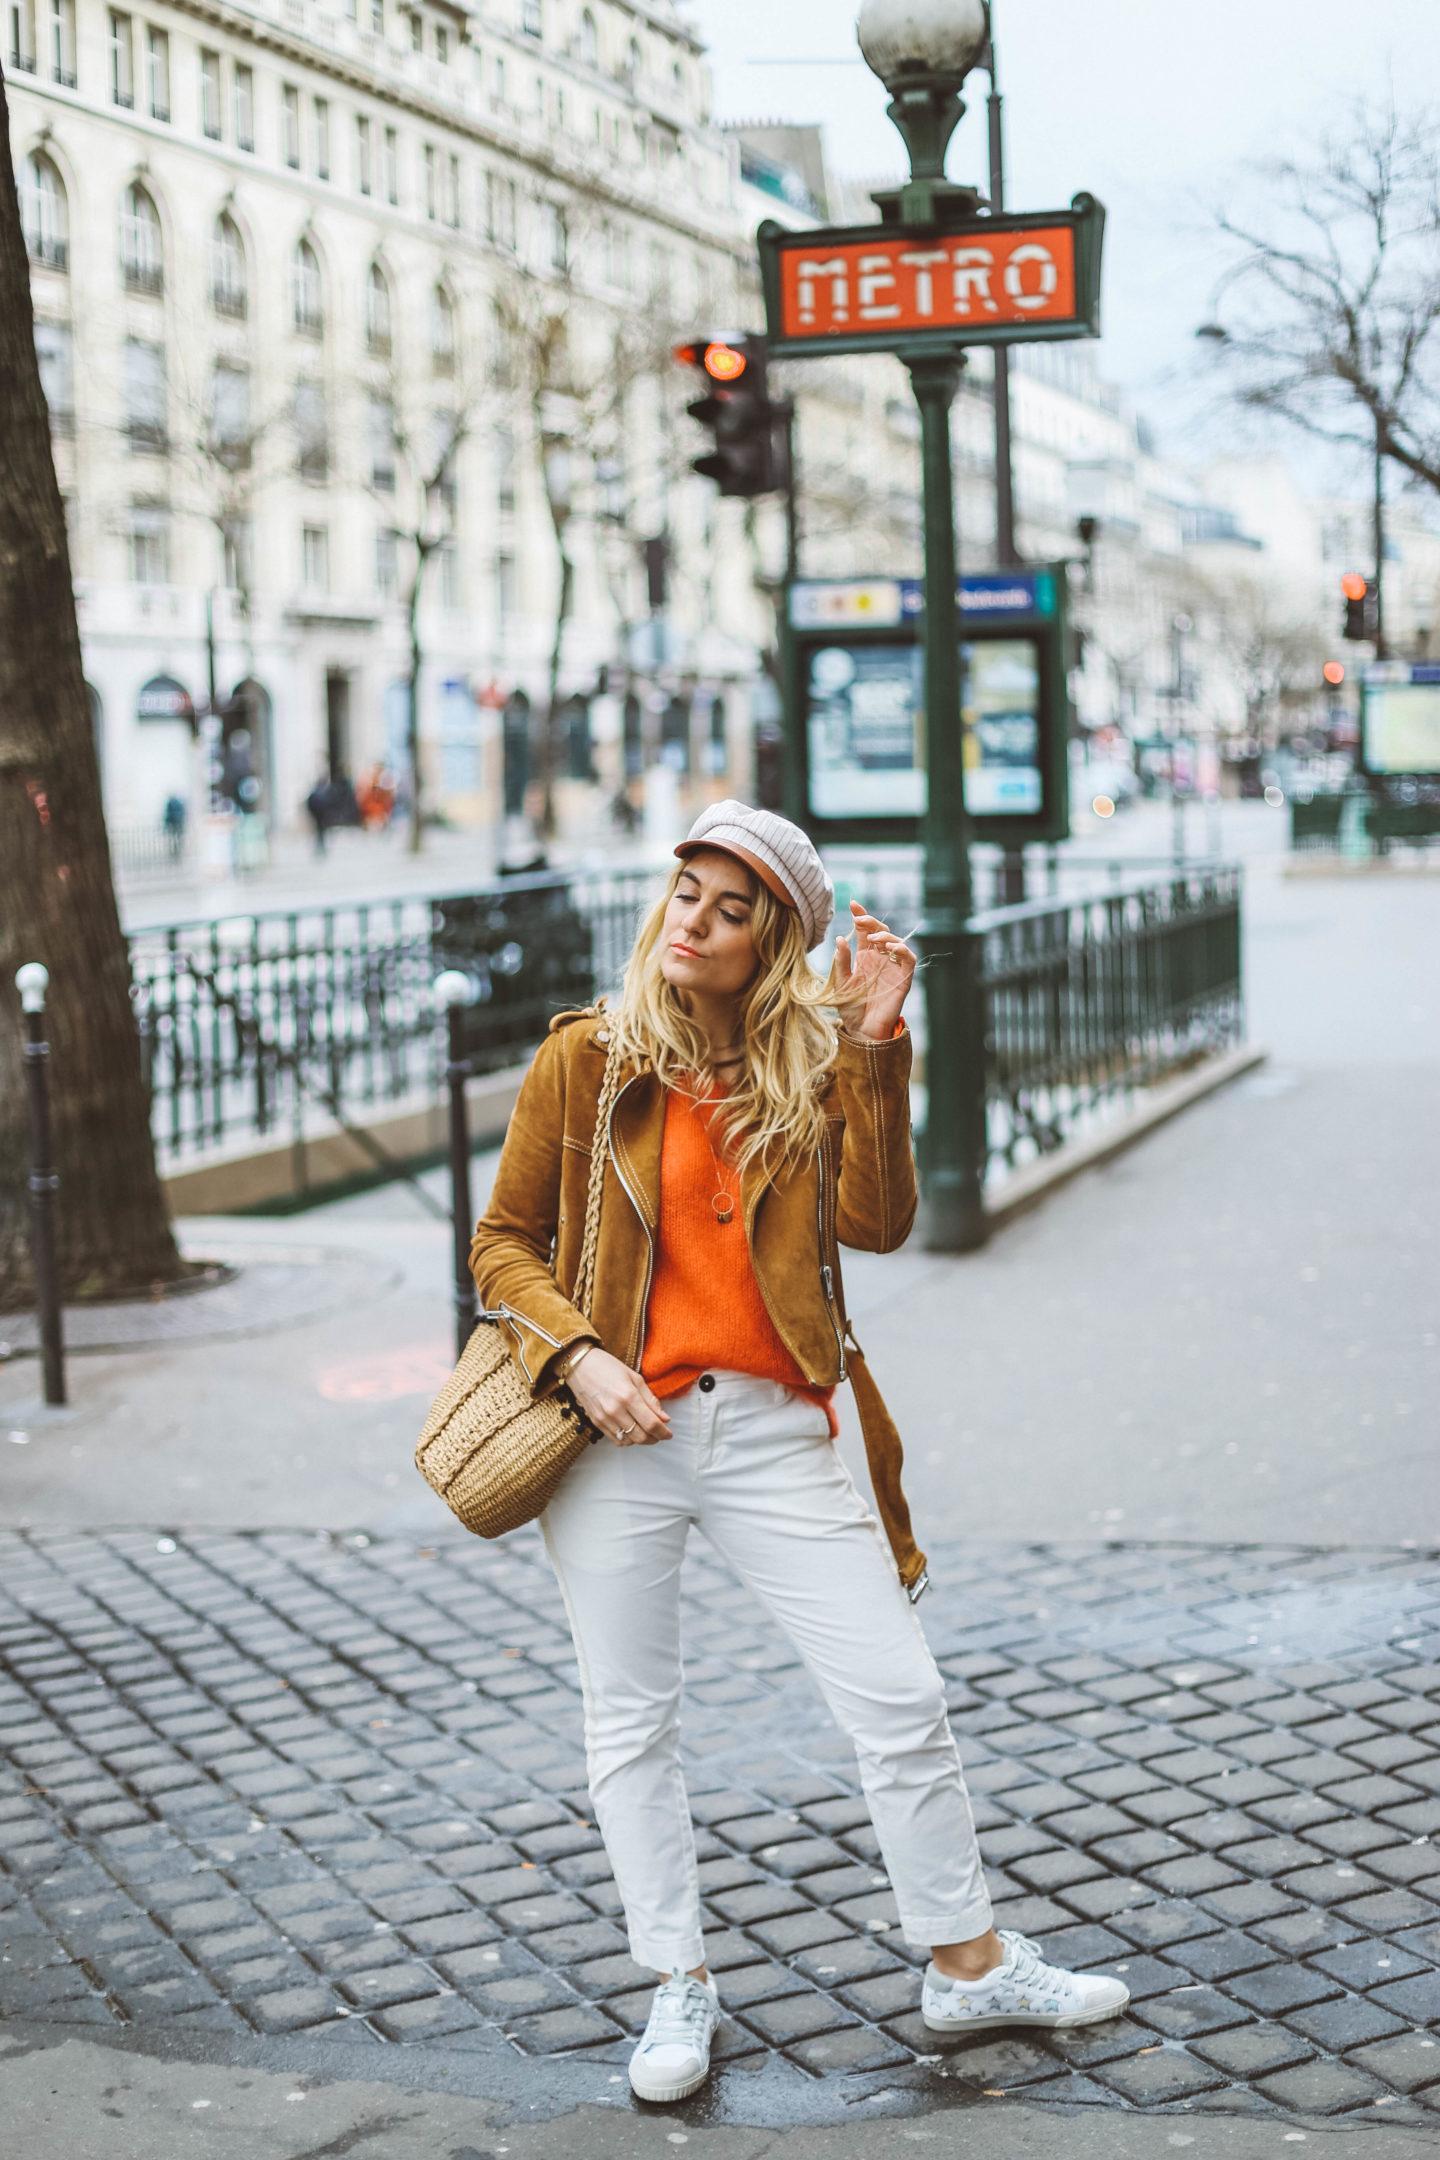 Wavy Hair L'Oréal Proffesionnel - Blondie Baby blog mode et voyages